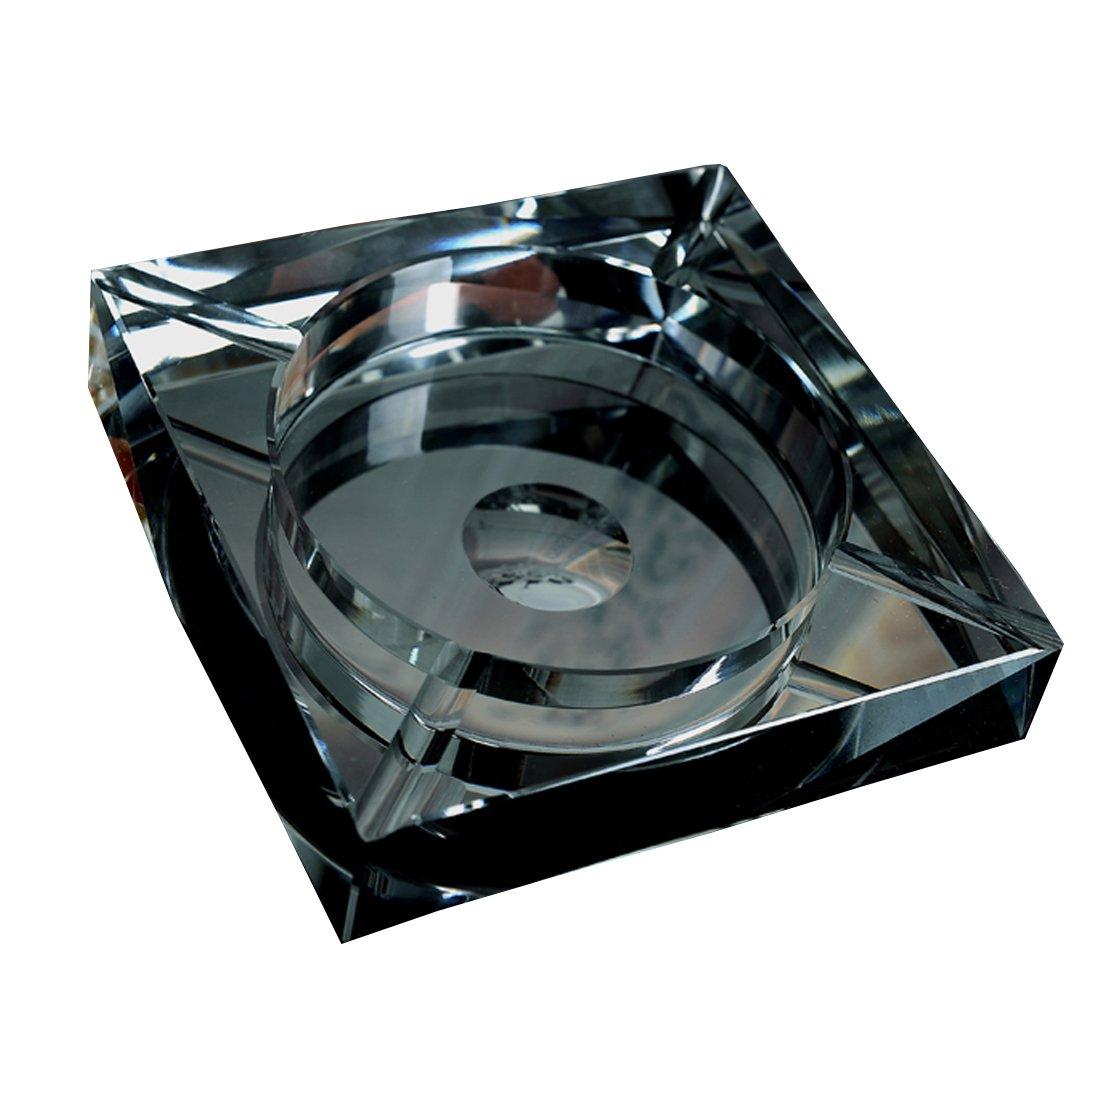 灰皿 クリスタル ガラス スクエア 高級 アッシュトレイ おしゃれ灰皿 ブラック 18cm OSONA B01HI2WCTY 18cm ブラック ブラック 18cm